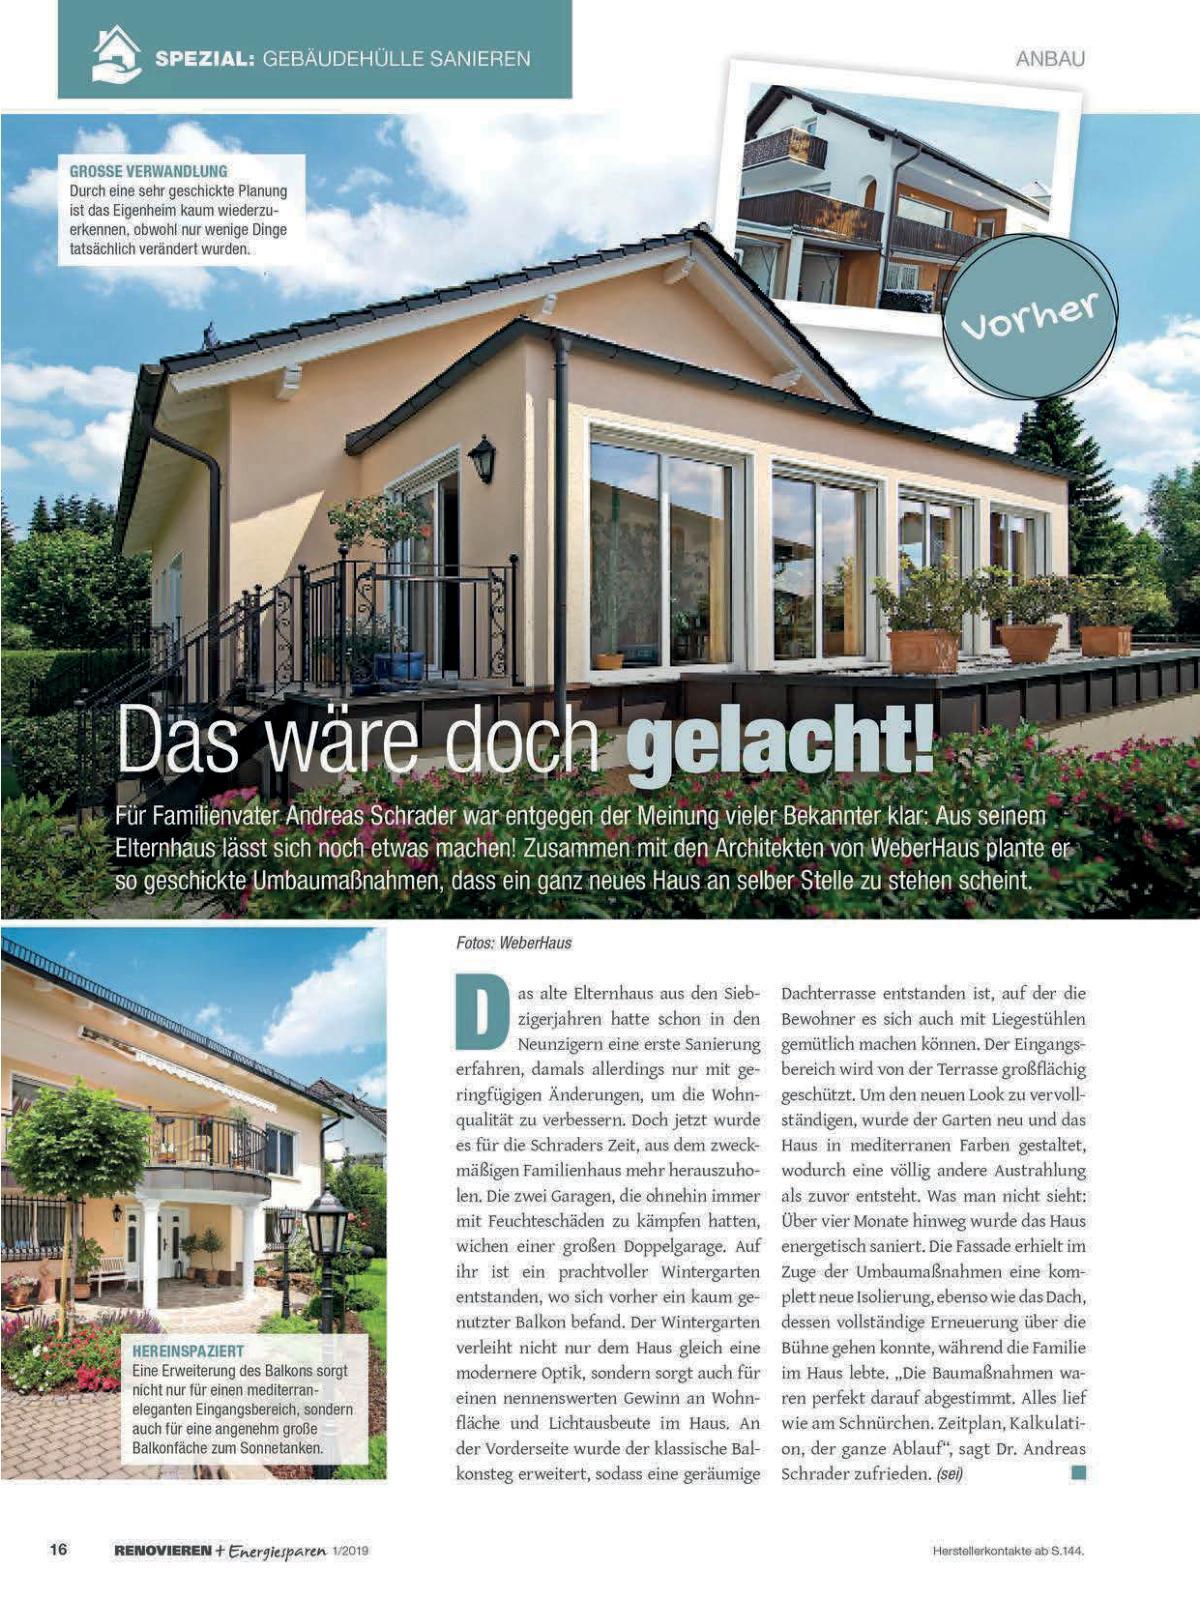 Renovieren und Energiesparen Ausgabe 1 2019